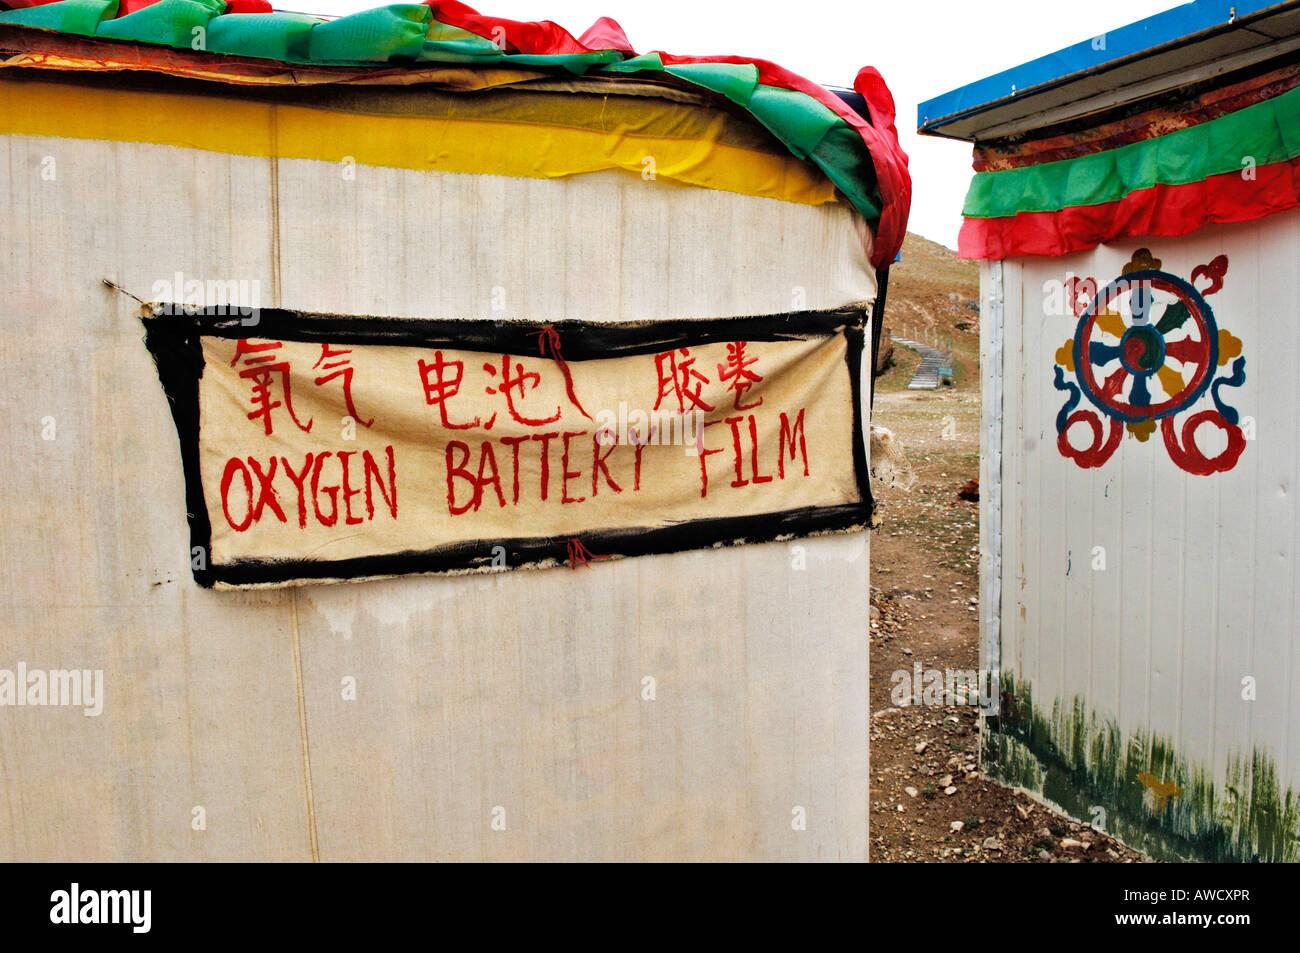 Offer Oxygen Battery film, Nam Tso lake, Tibet - Stock Image